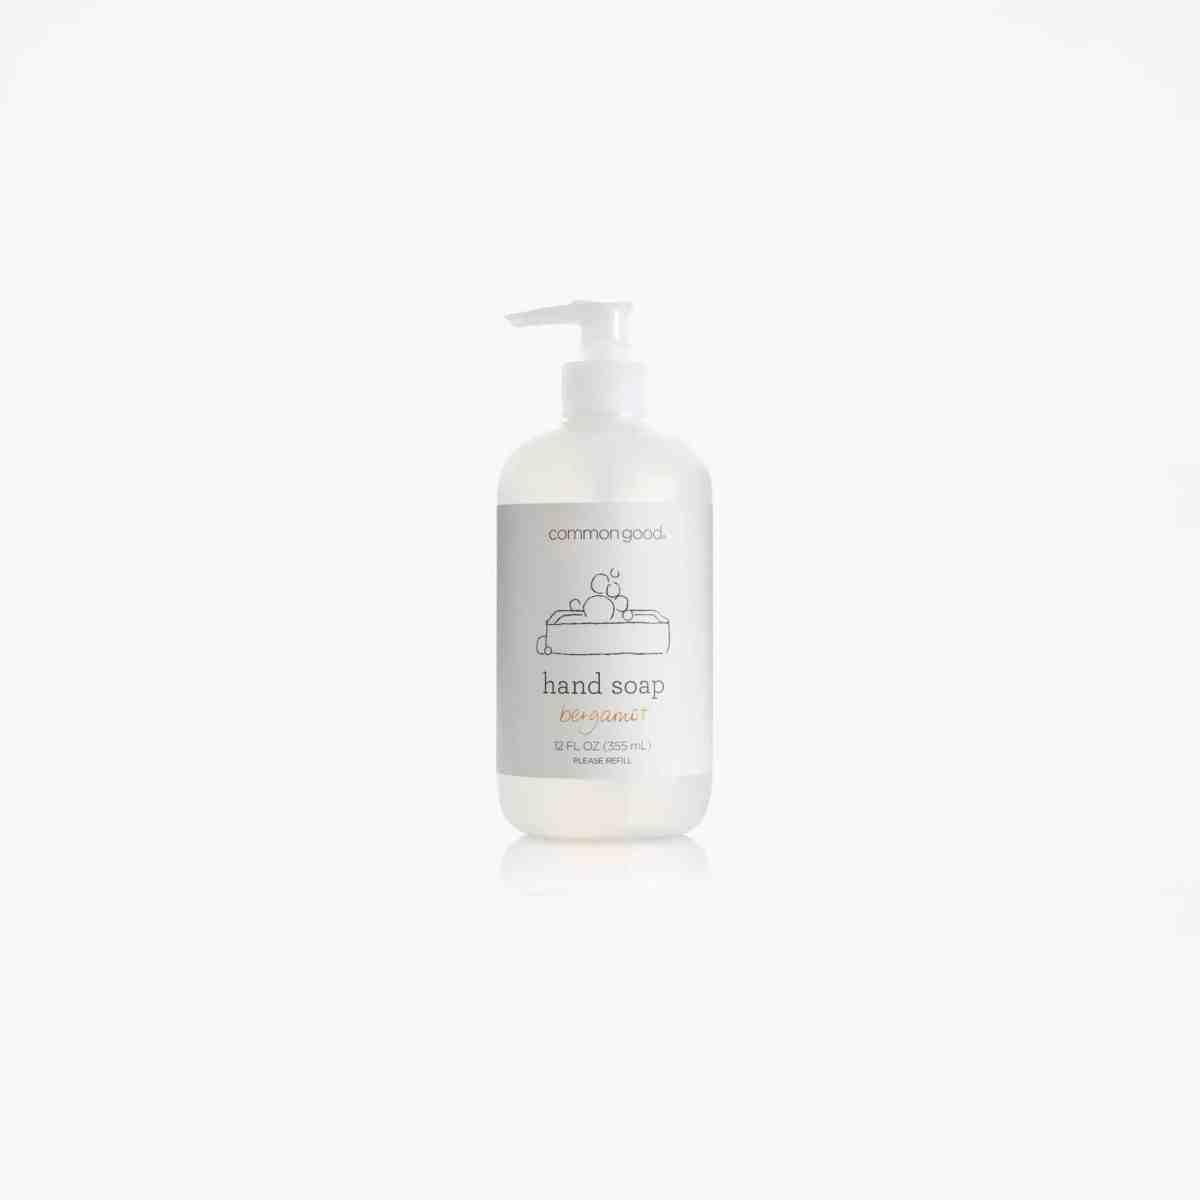 common-good-hand-soap-bergamot-plastic-bottle.jpg